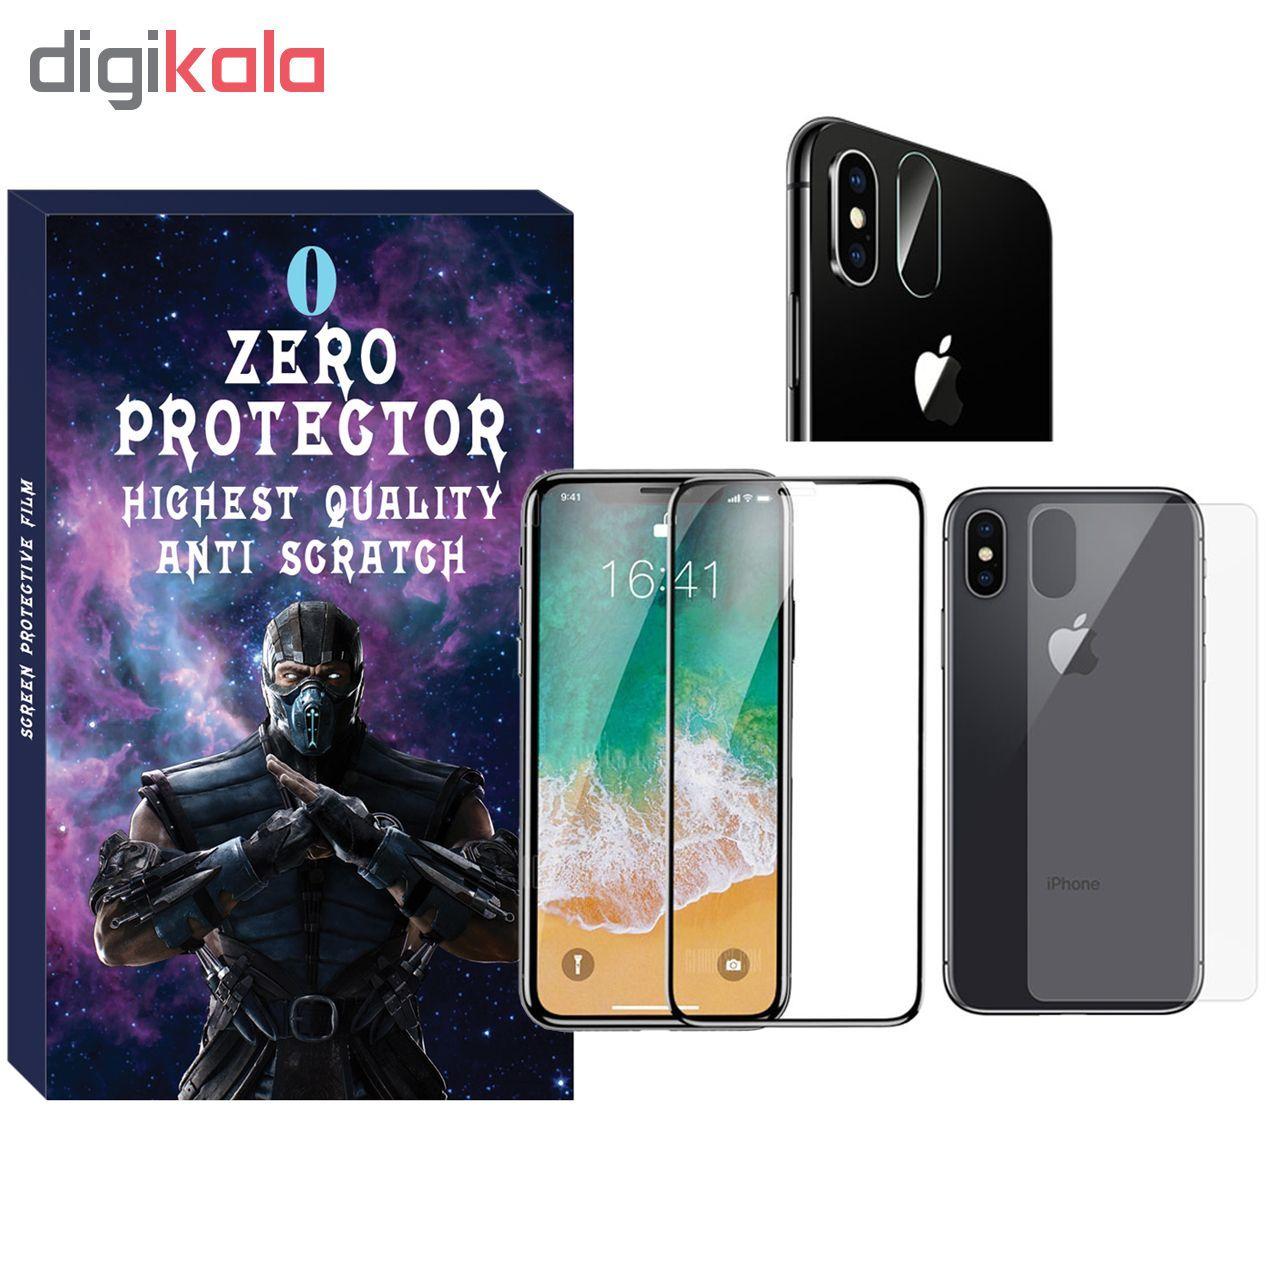 محافظ صفحه نمایش و پشت گوشی زیرو مدل FUZ-01 مناسب برای گوشی موبایل اپل Iphone X/Xs به همراه محافظ لنز دوربین main 1 1